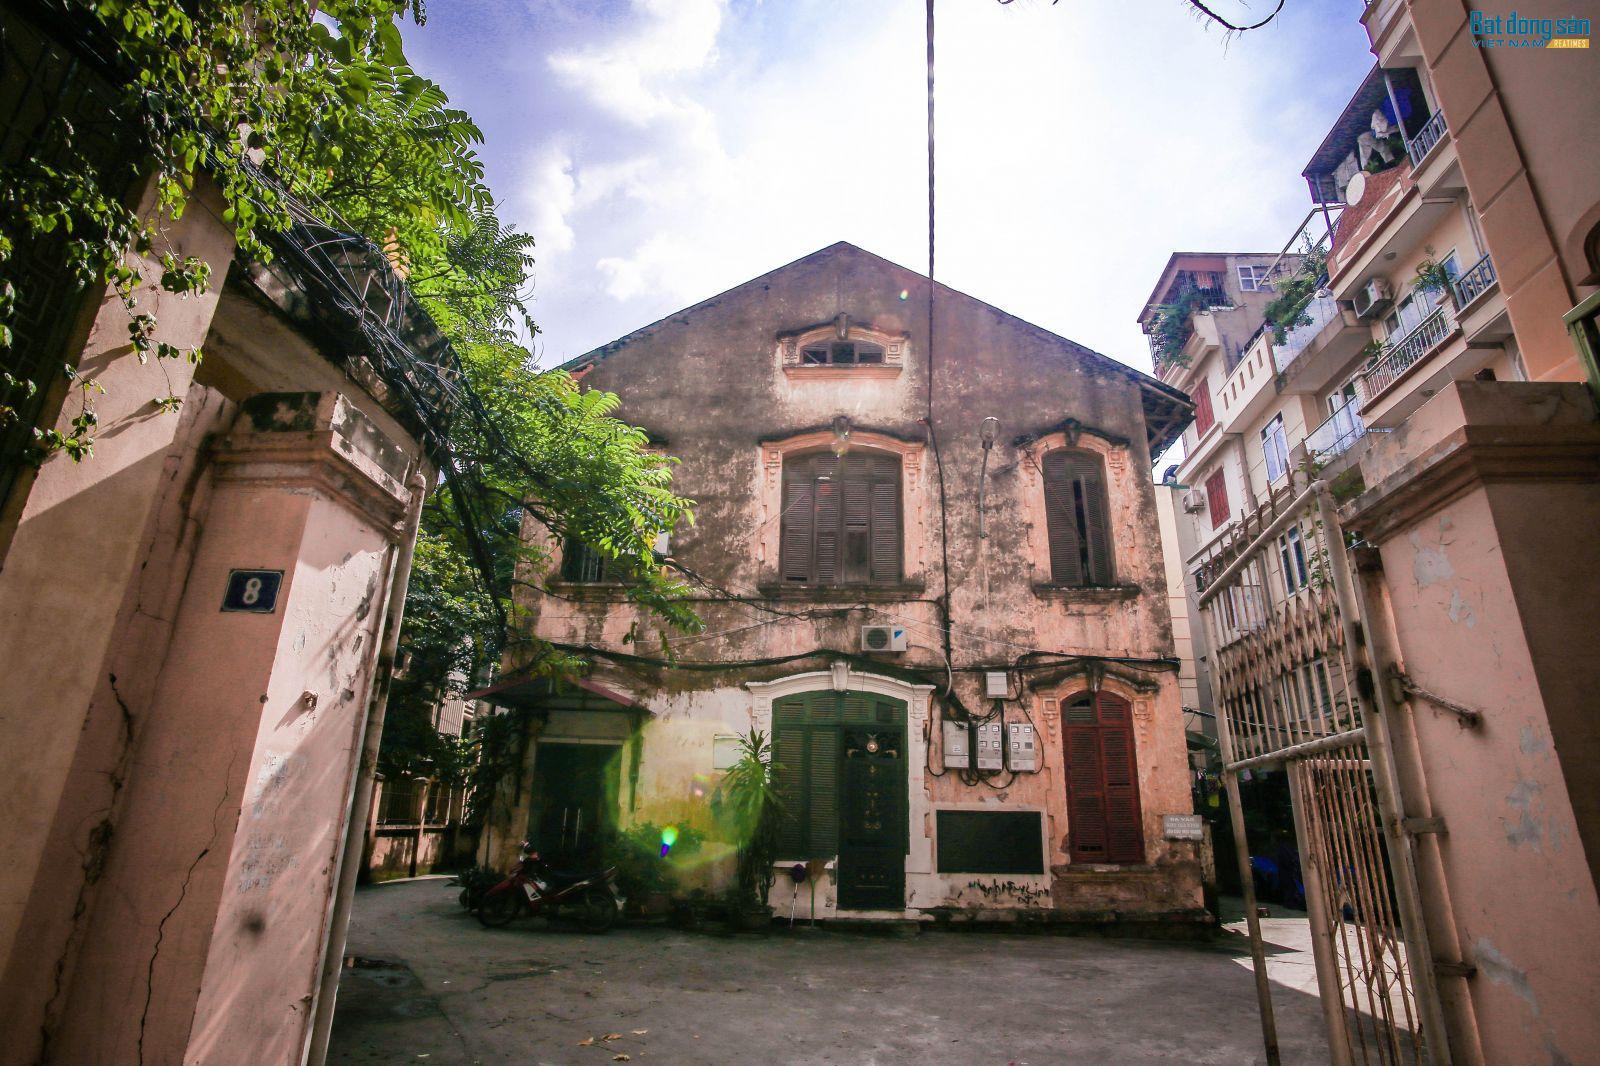 Căn biêt thự cũ ở số 8 Tăng Bạt Hổ. Ảnh: Đỗ Linh.